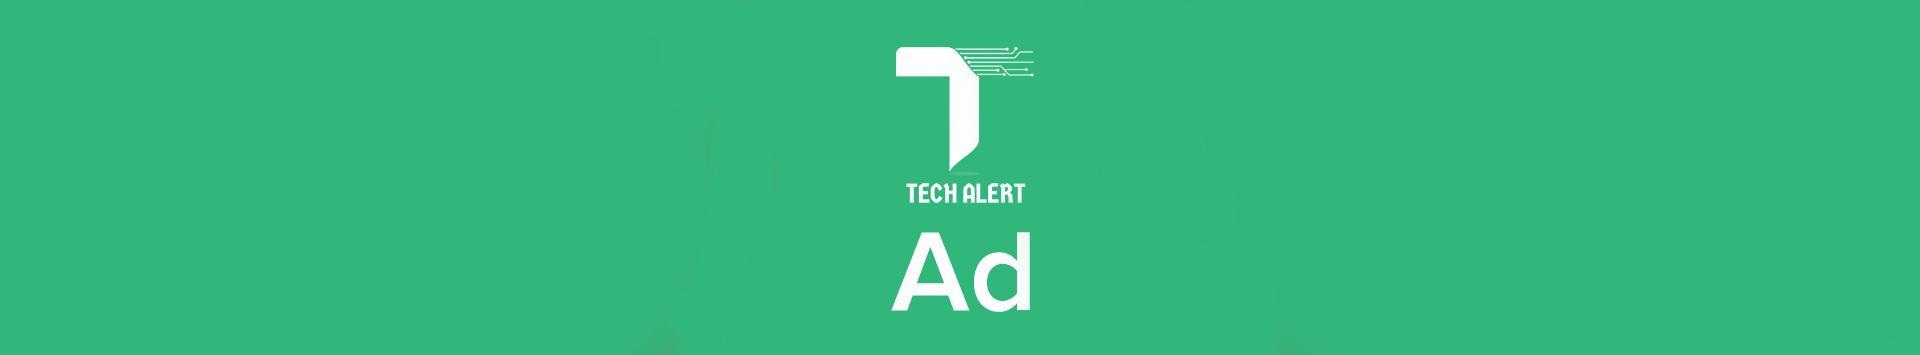 Tech Alert Bangla Ads